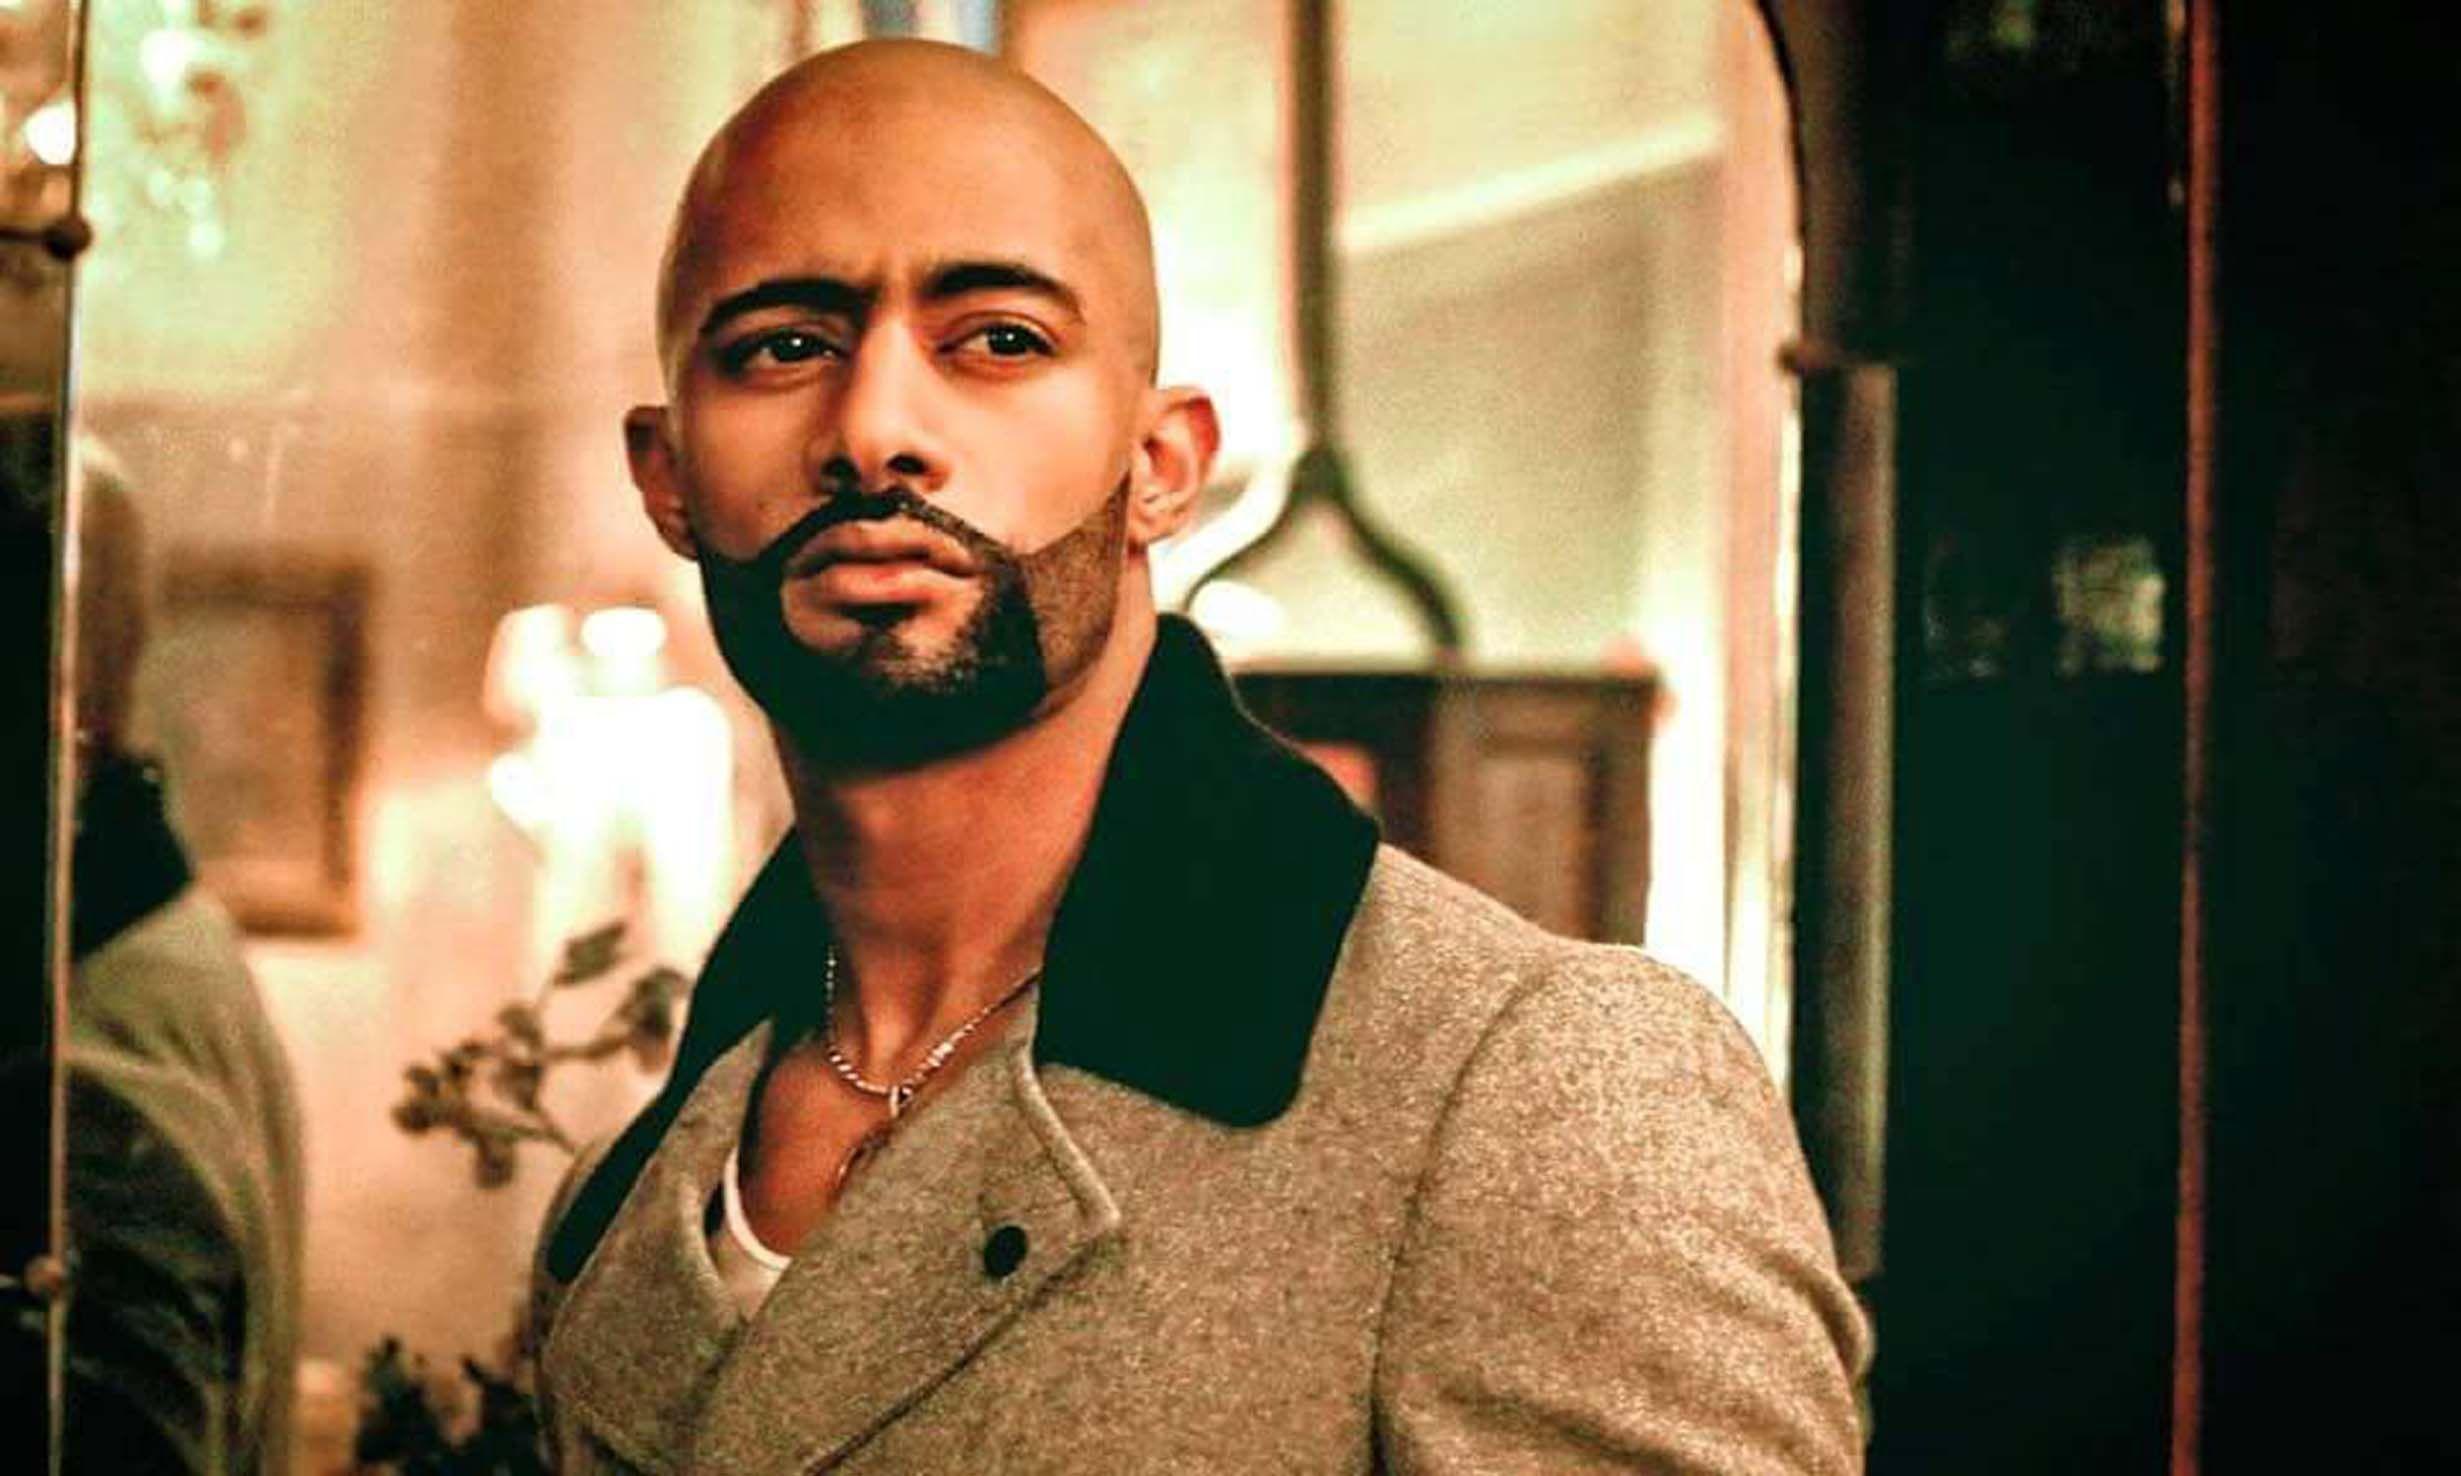 محمد رمضان من مسلسل الاسطورة Ramadan Actors Round Sunglass Men